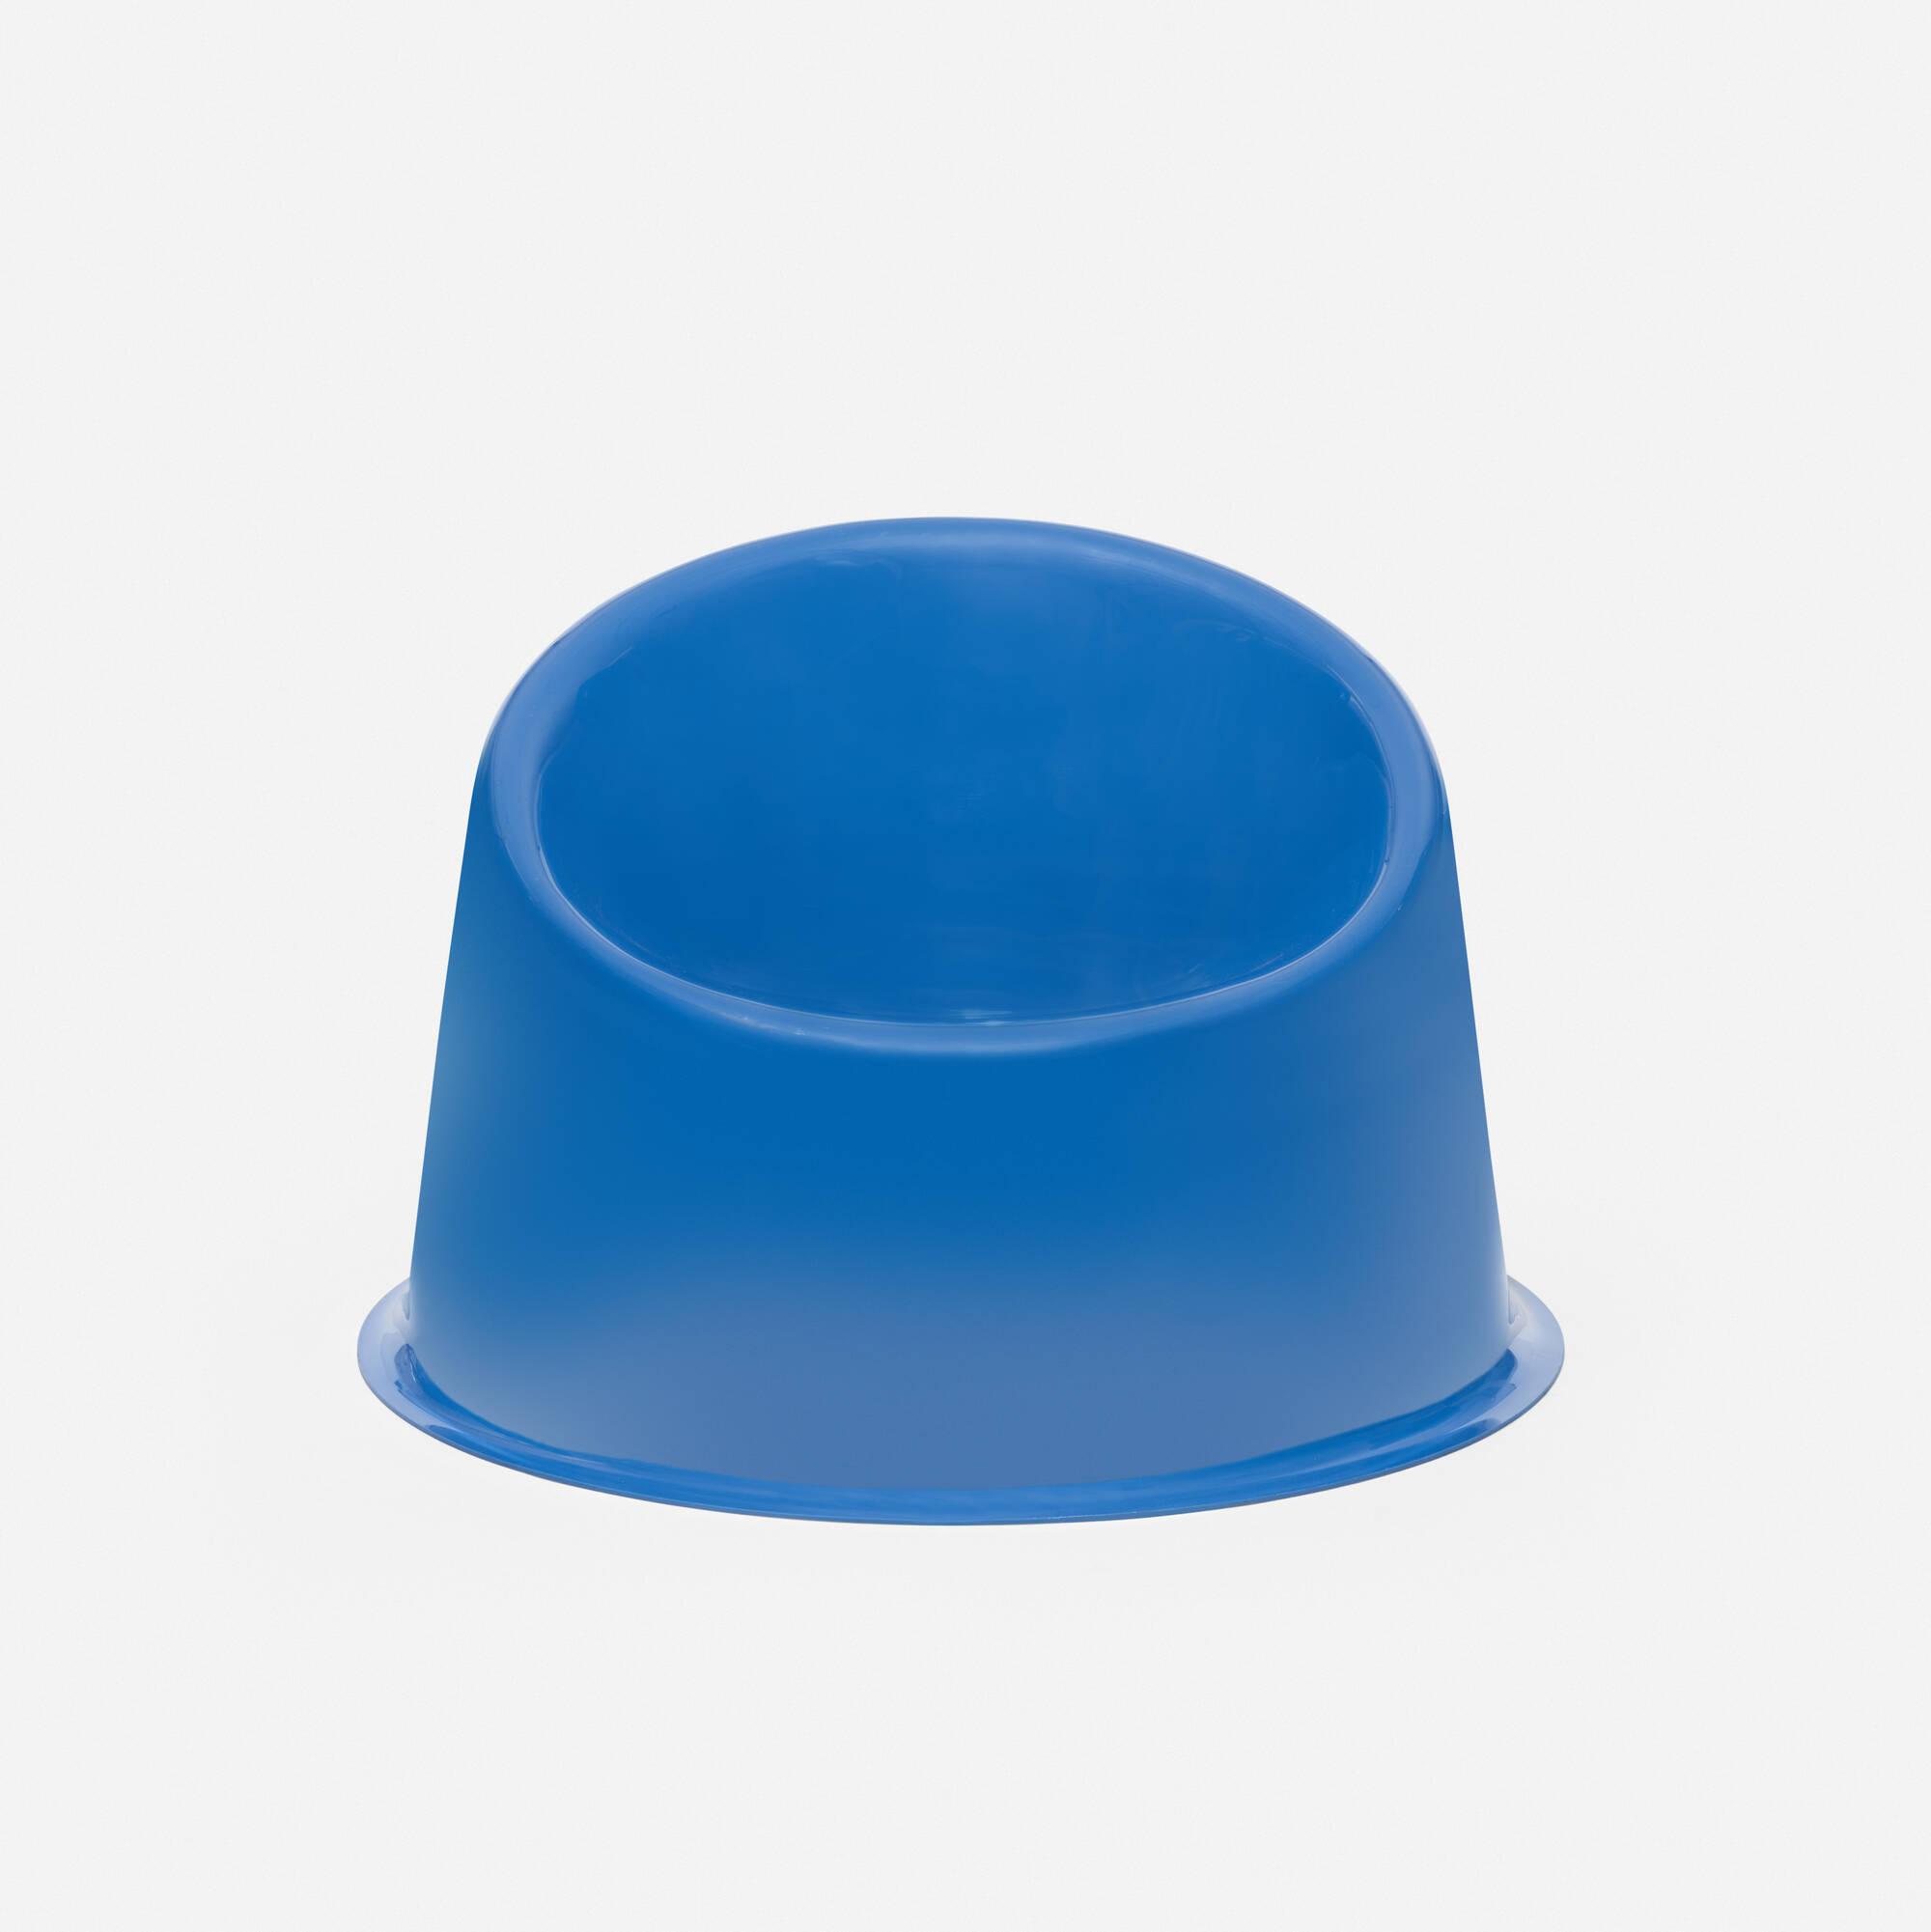 173: Verner Panton / Blue Panto Pop chair (1 of 3)